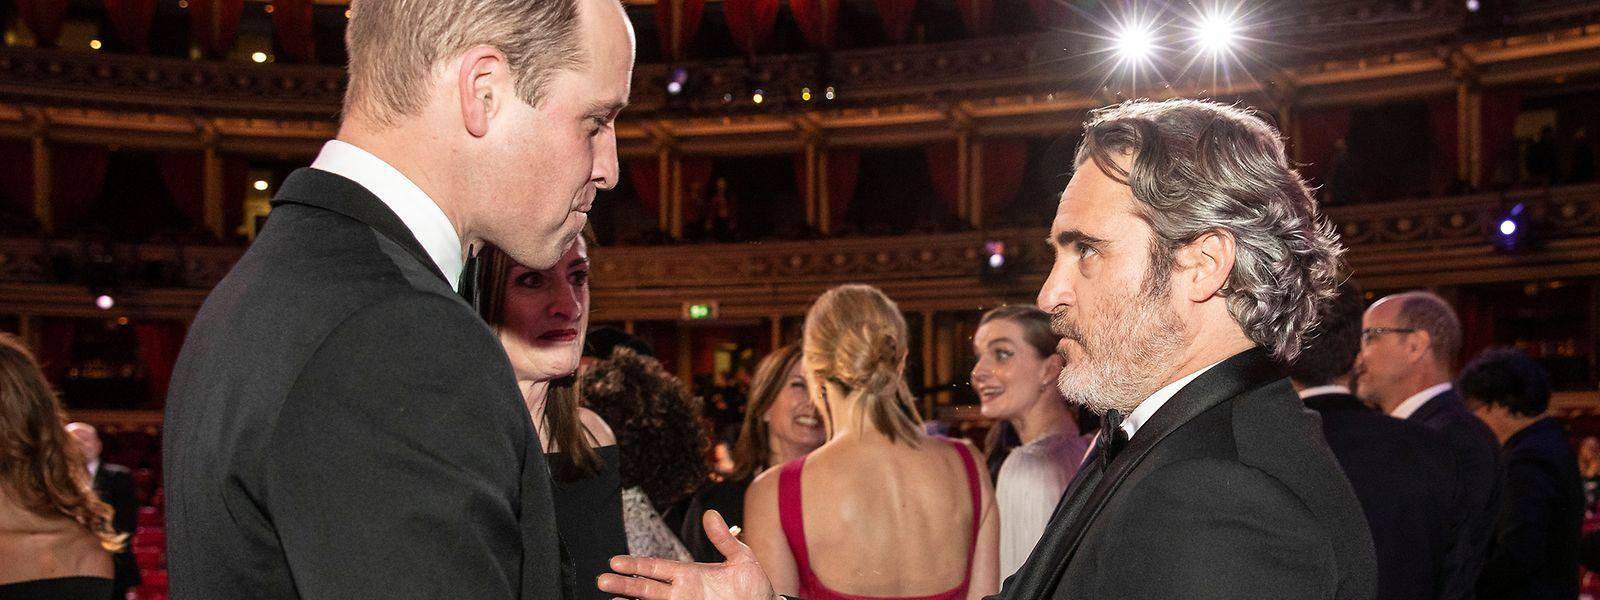 Der britische Prinz William (l.) und Schauspieler Joaquin Phoenix brachten beide das Thema Diversität zur Sprache.